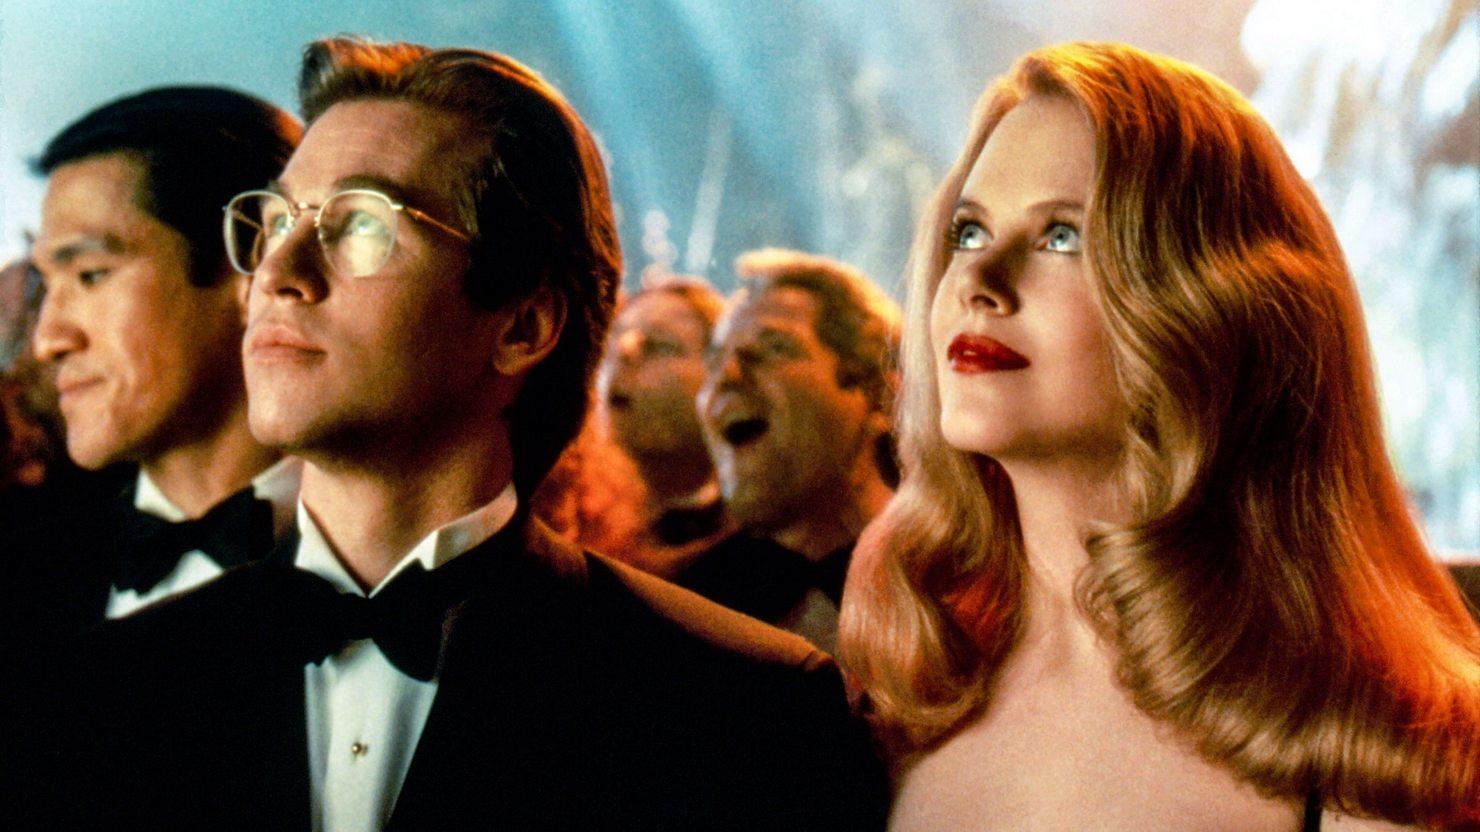 «Бэтмен навсегда» как мыльная опера — Вэл Килмер рассказал о мучительном опыте съёмок в фильме